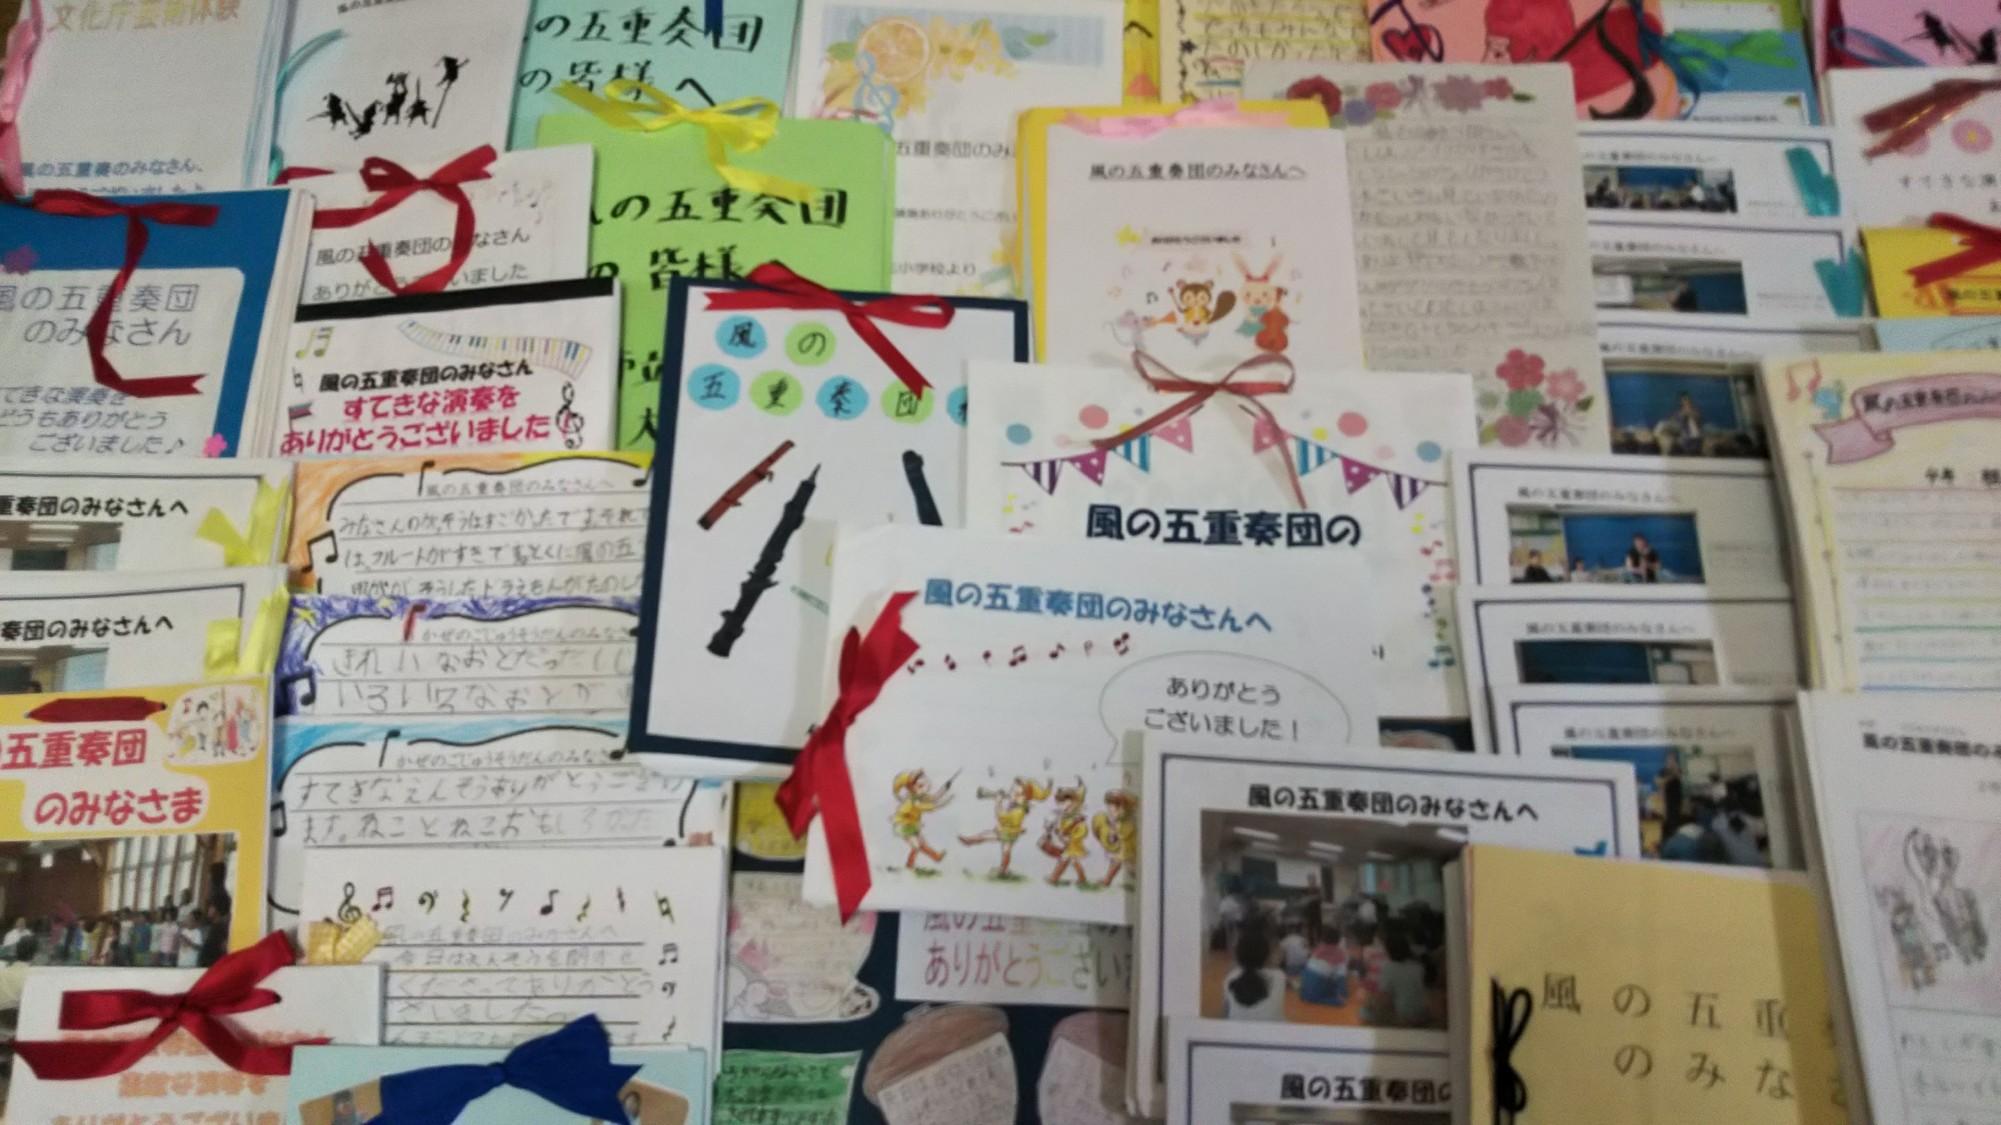 お礼の手紙(文化庁事業)